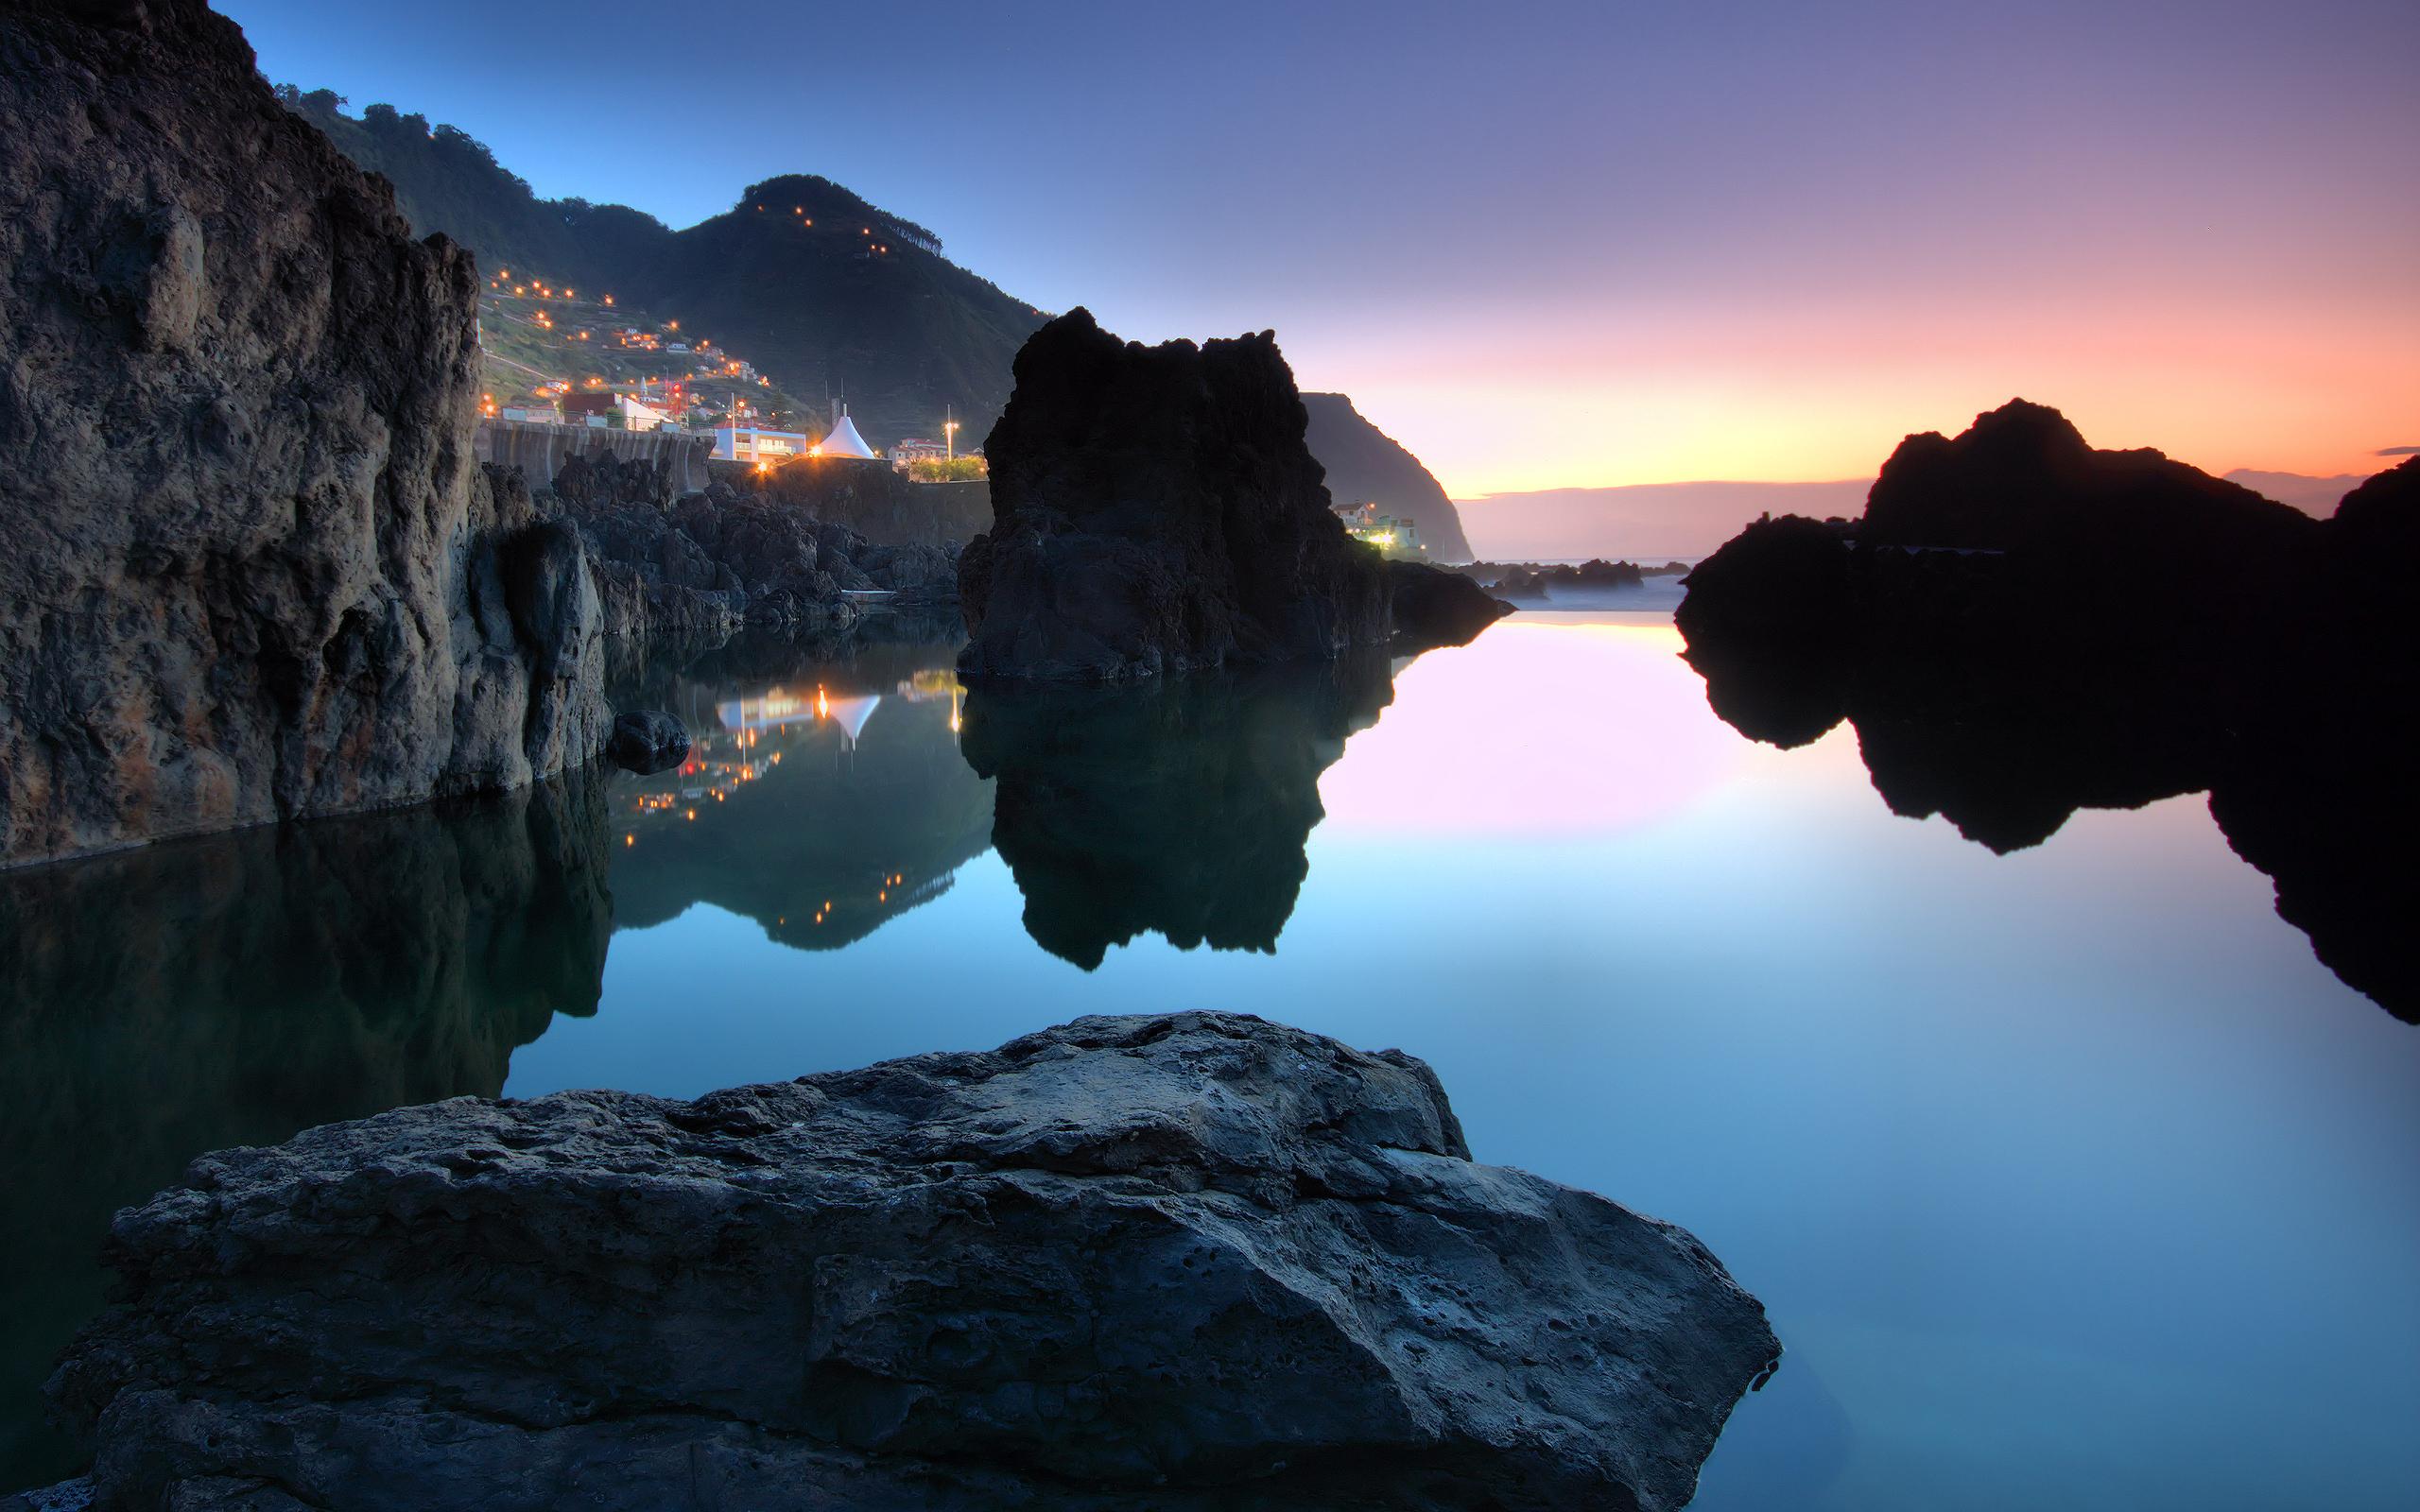 закат, скалы, озеро  № 661837 загрузить